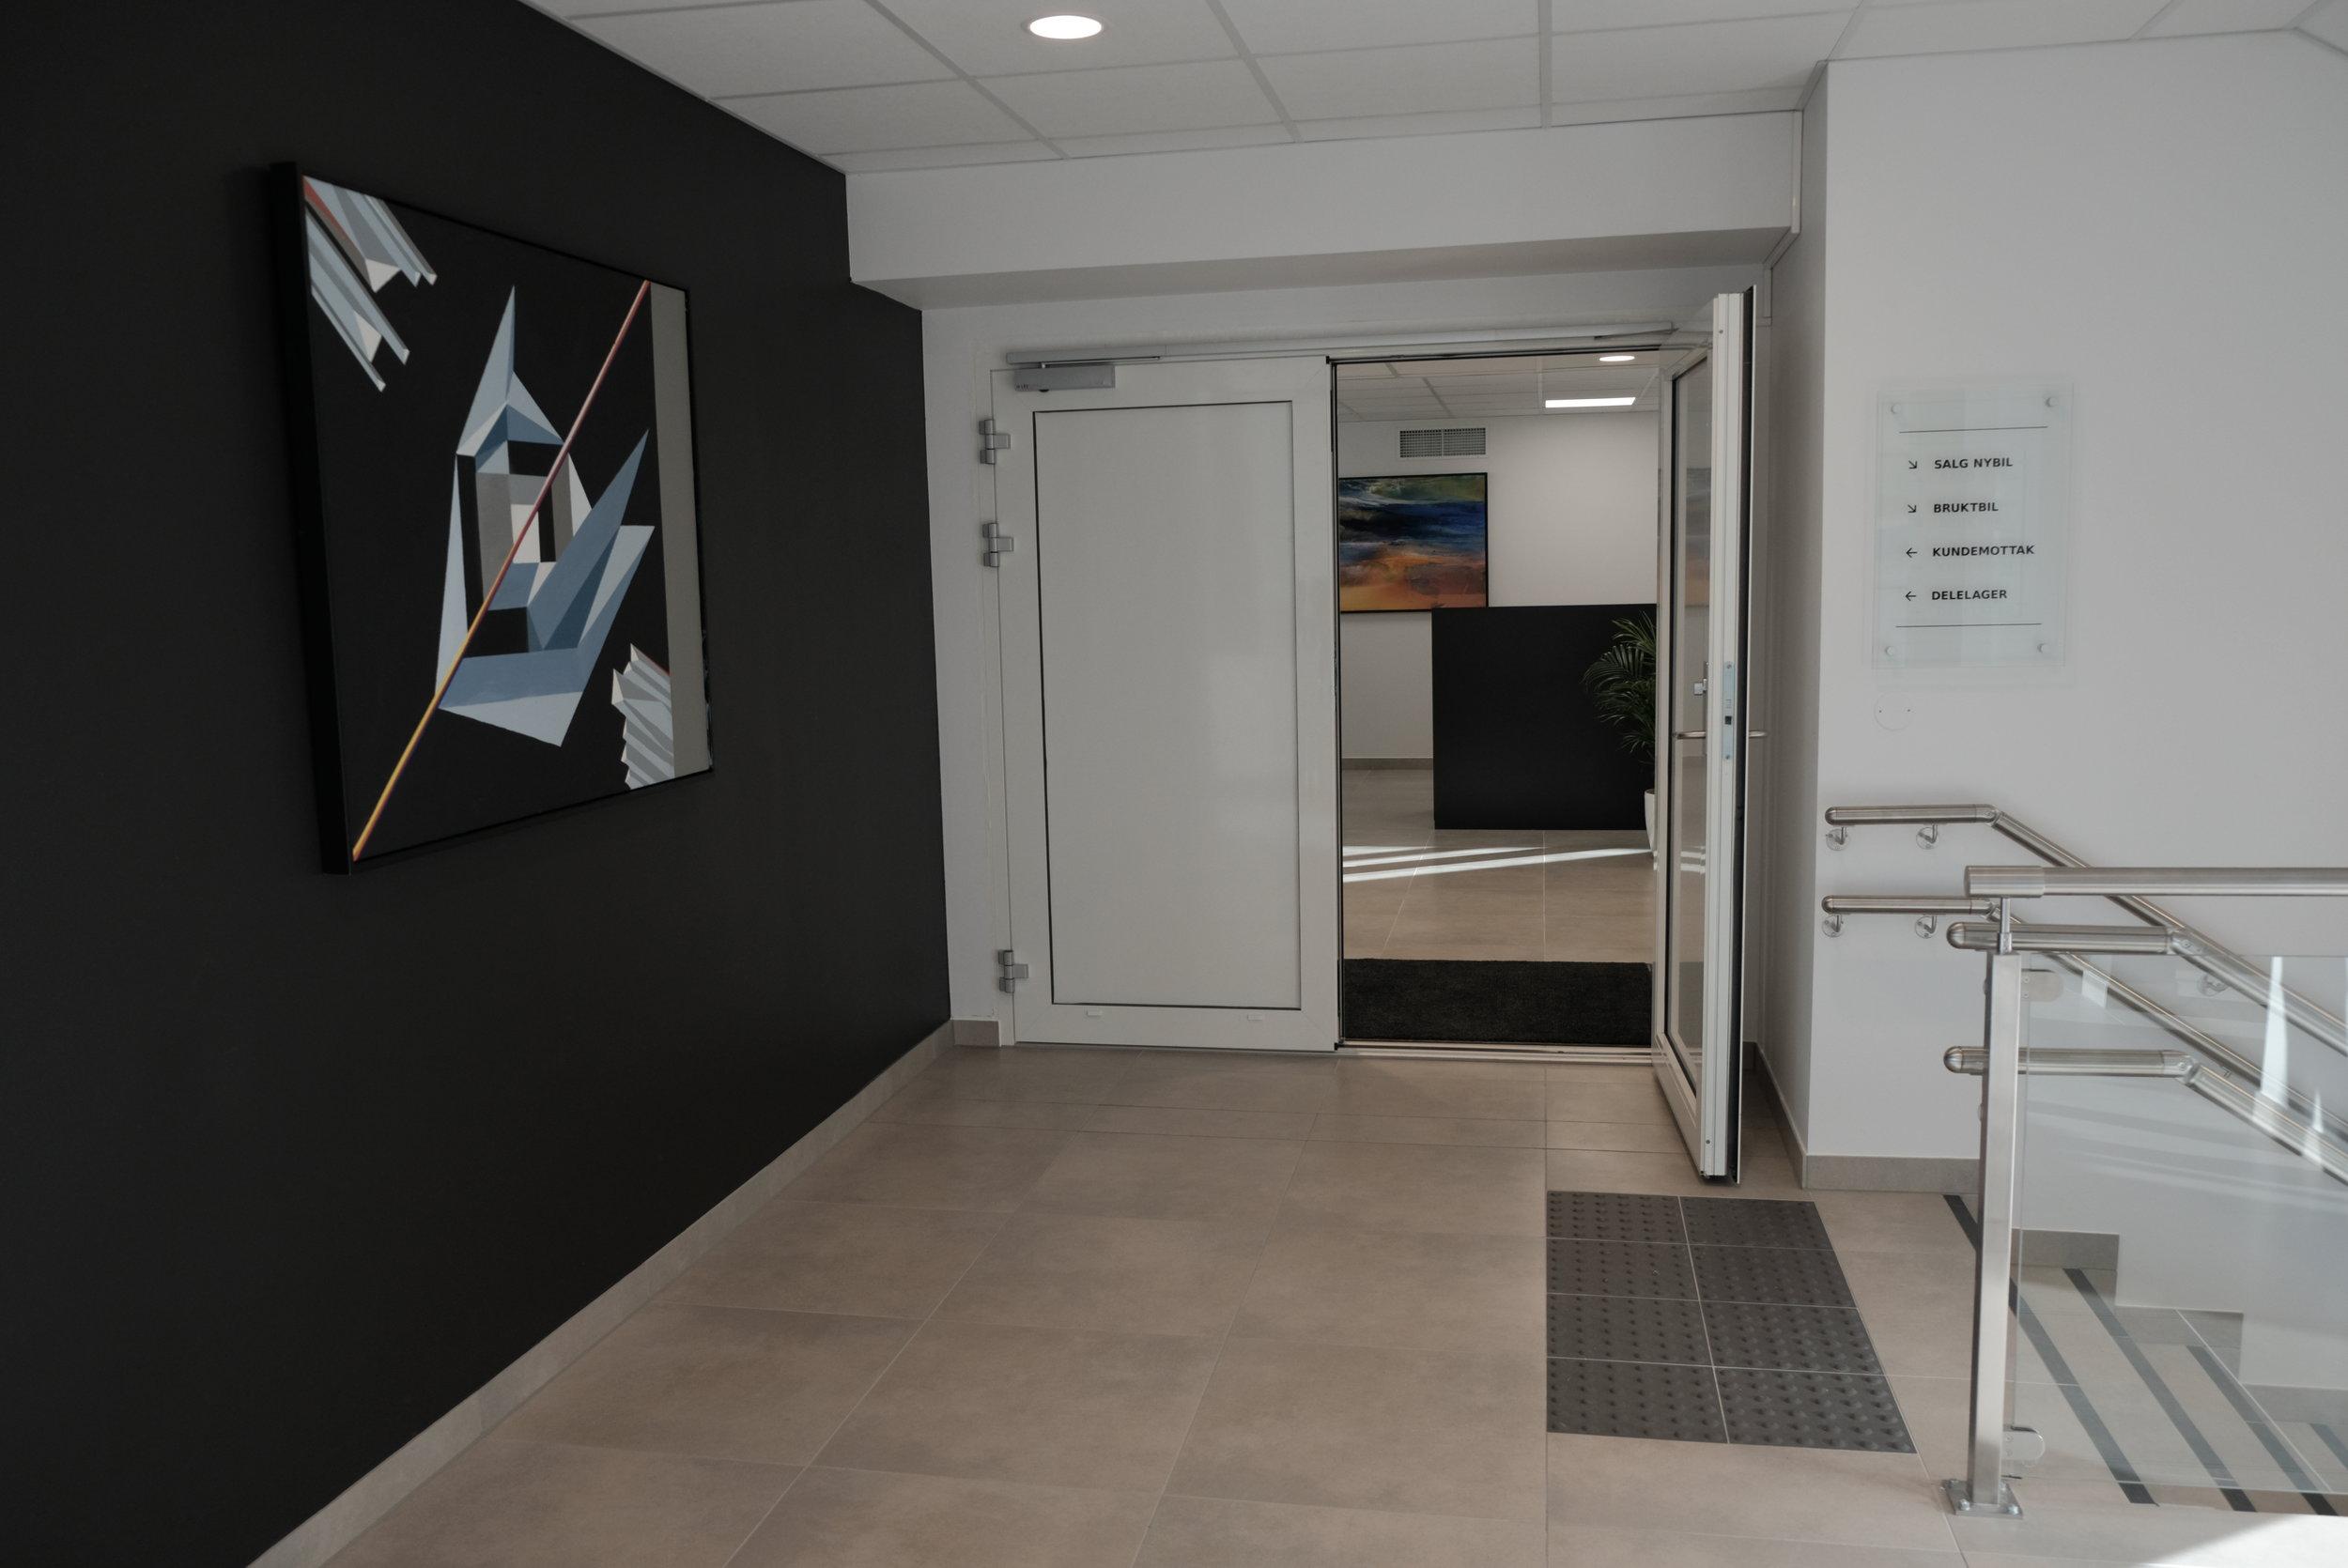 Velkommen til vårt kundemottak i 2. etasje!